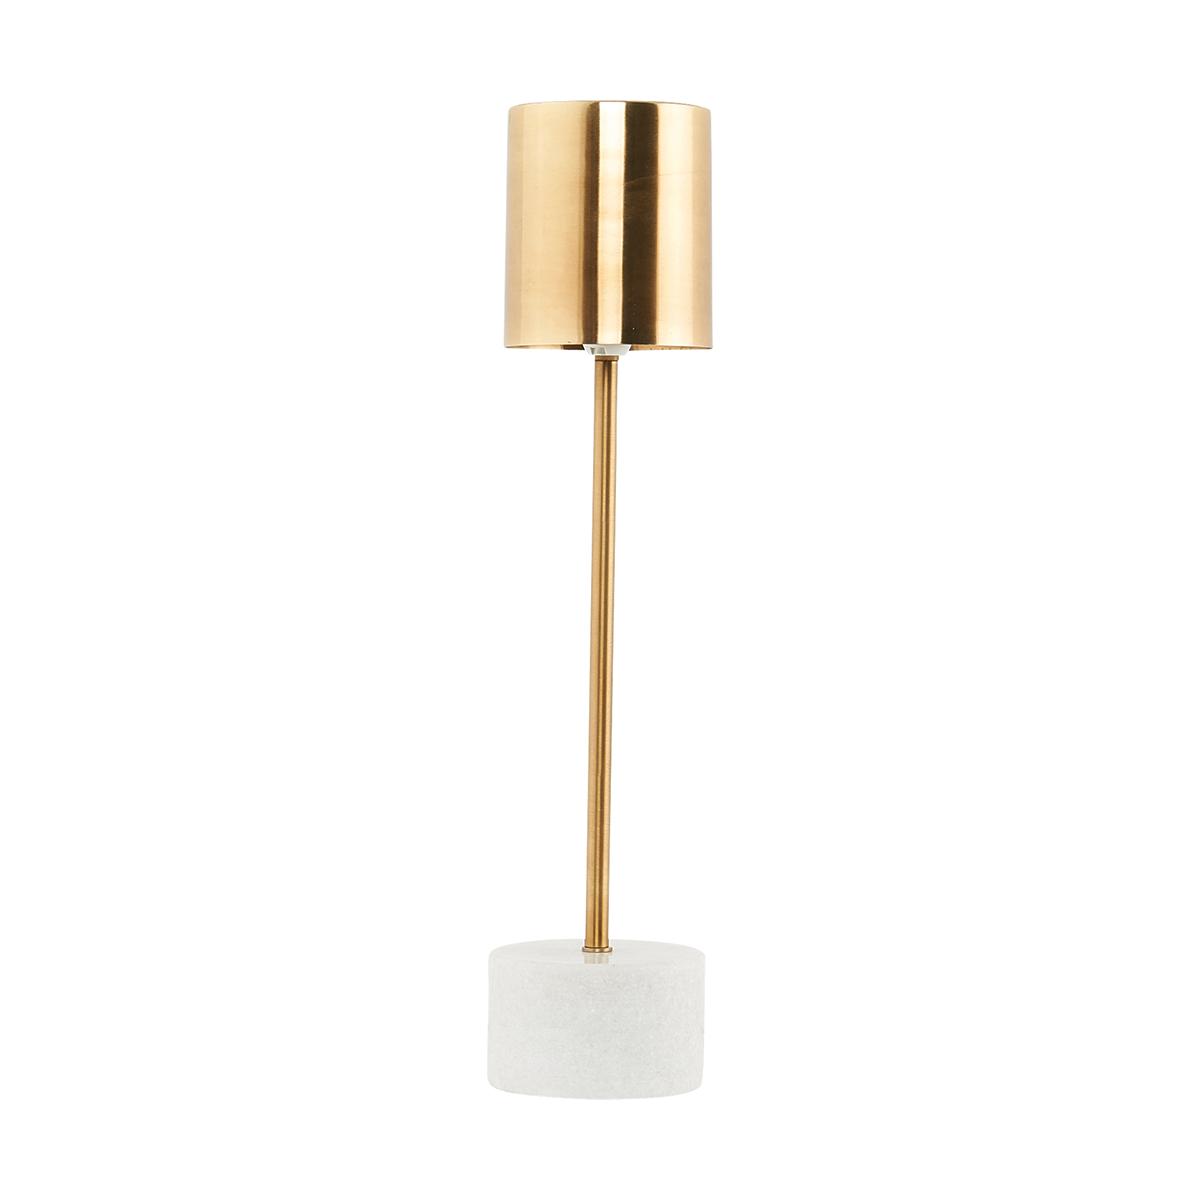 Lampe Marbre Blanc Pieds En Bureau – Deko Avec L'eau De roxeCdB